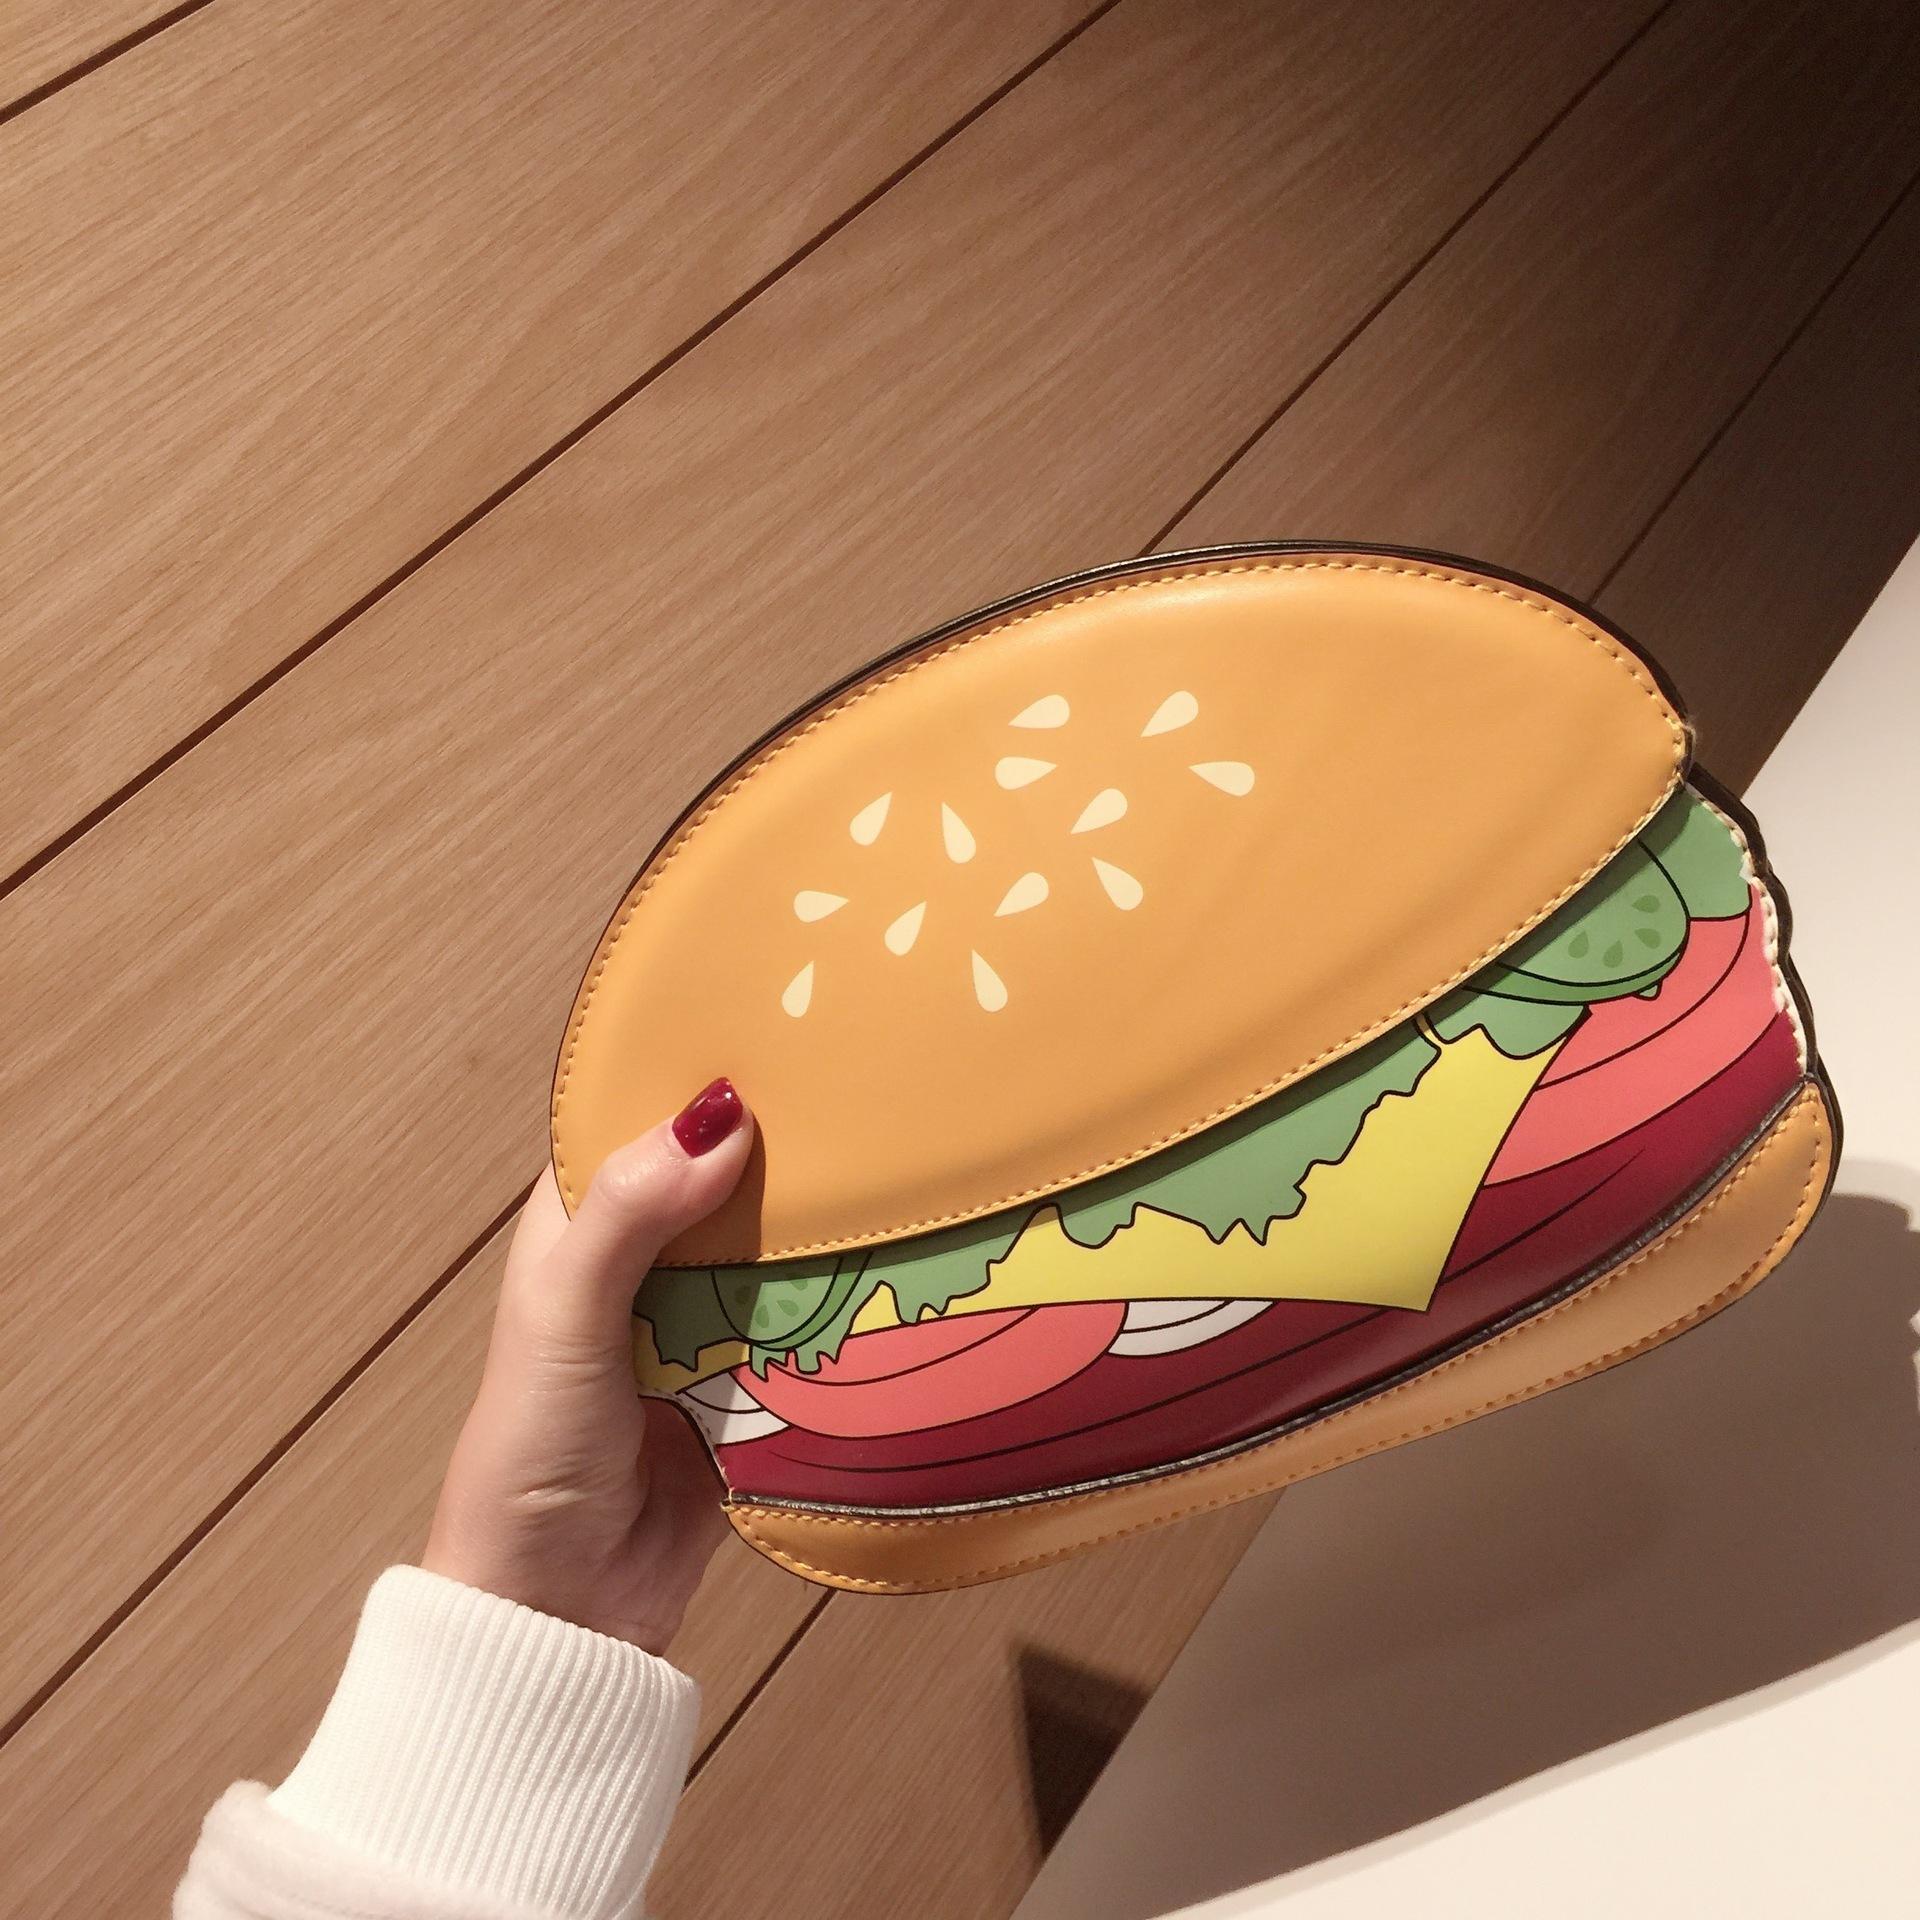 3D Cute Cartoon Women Shoulder Handbag Hamburger Ice cream Cake Bags Small Chain Clutch Crossbody Girls Messenger Bag Watermelon